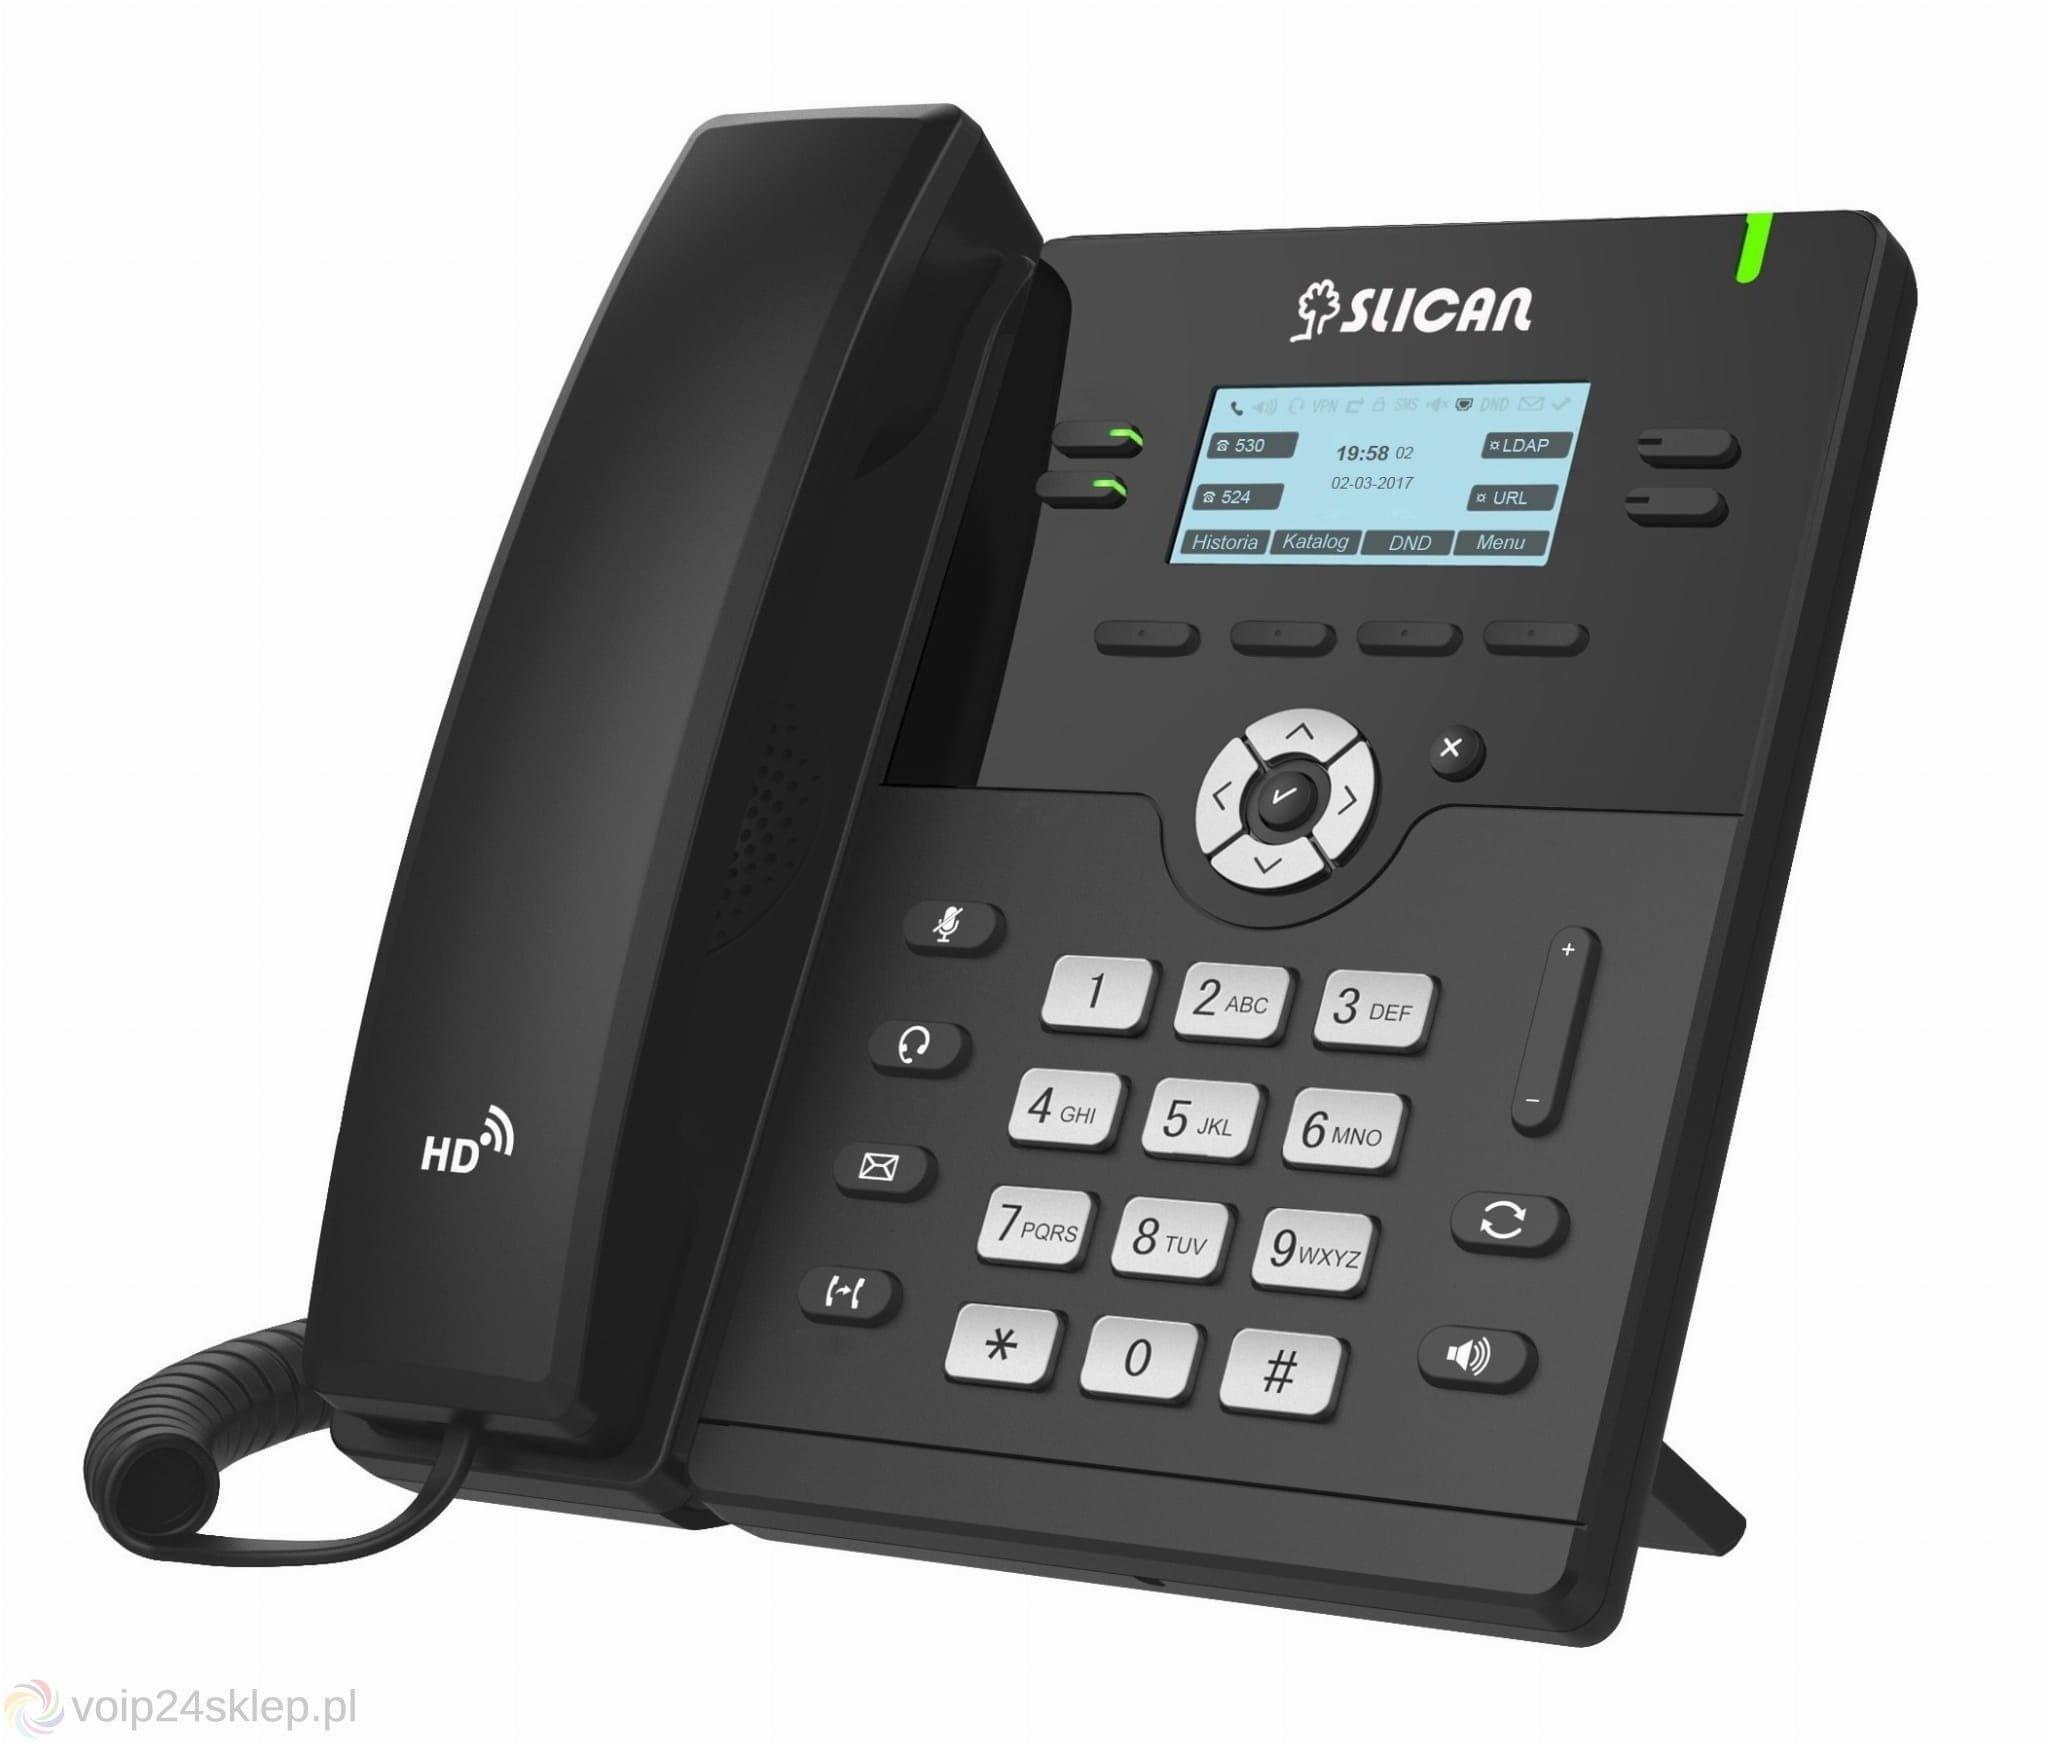 Slican VPS-912G - telefon VoIP 2 konta SIP